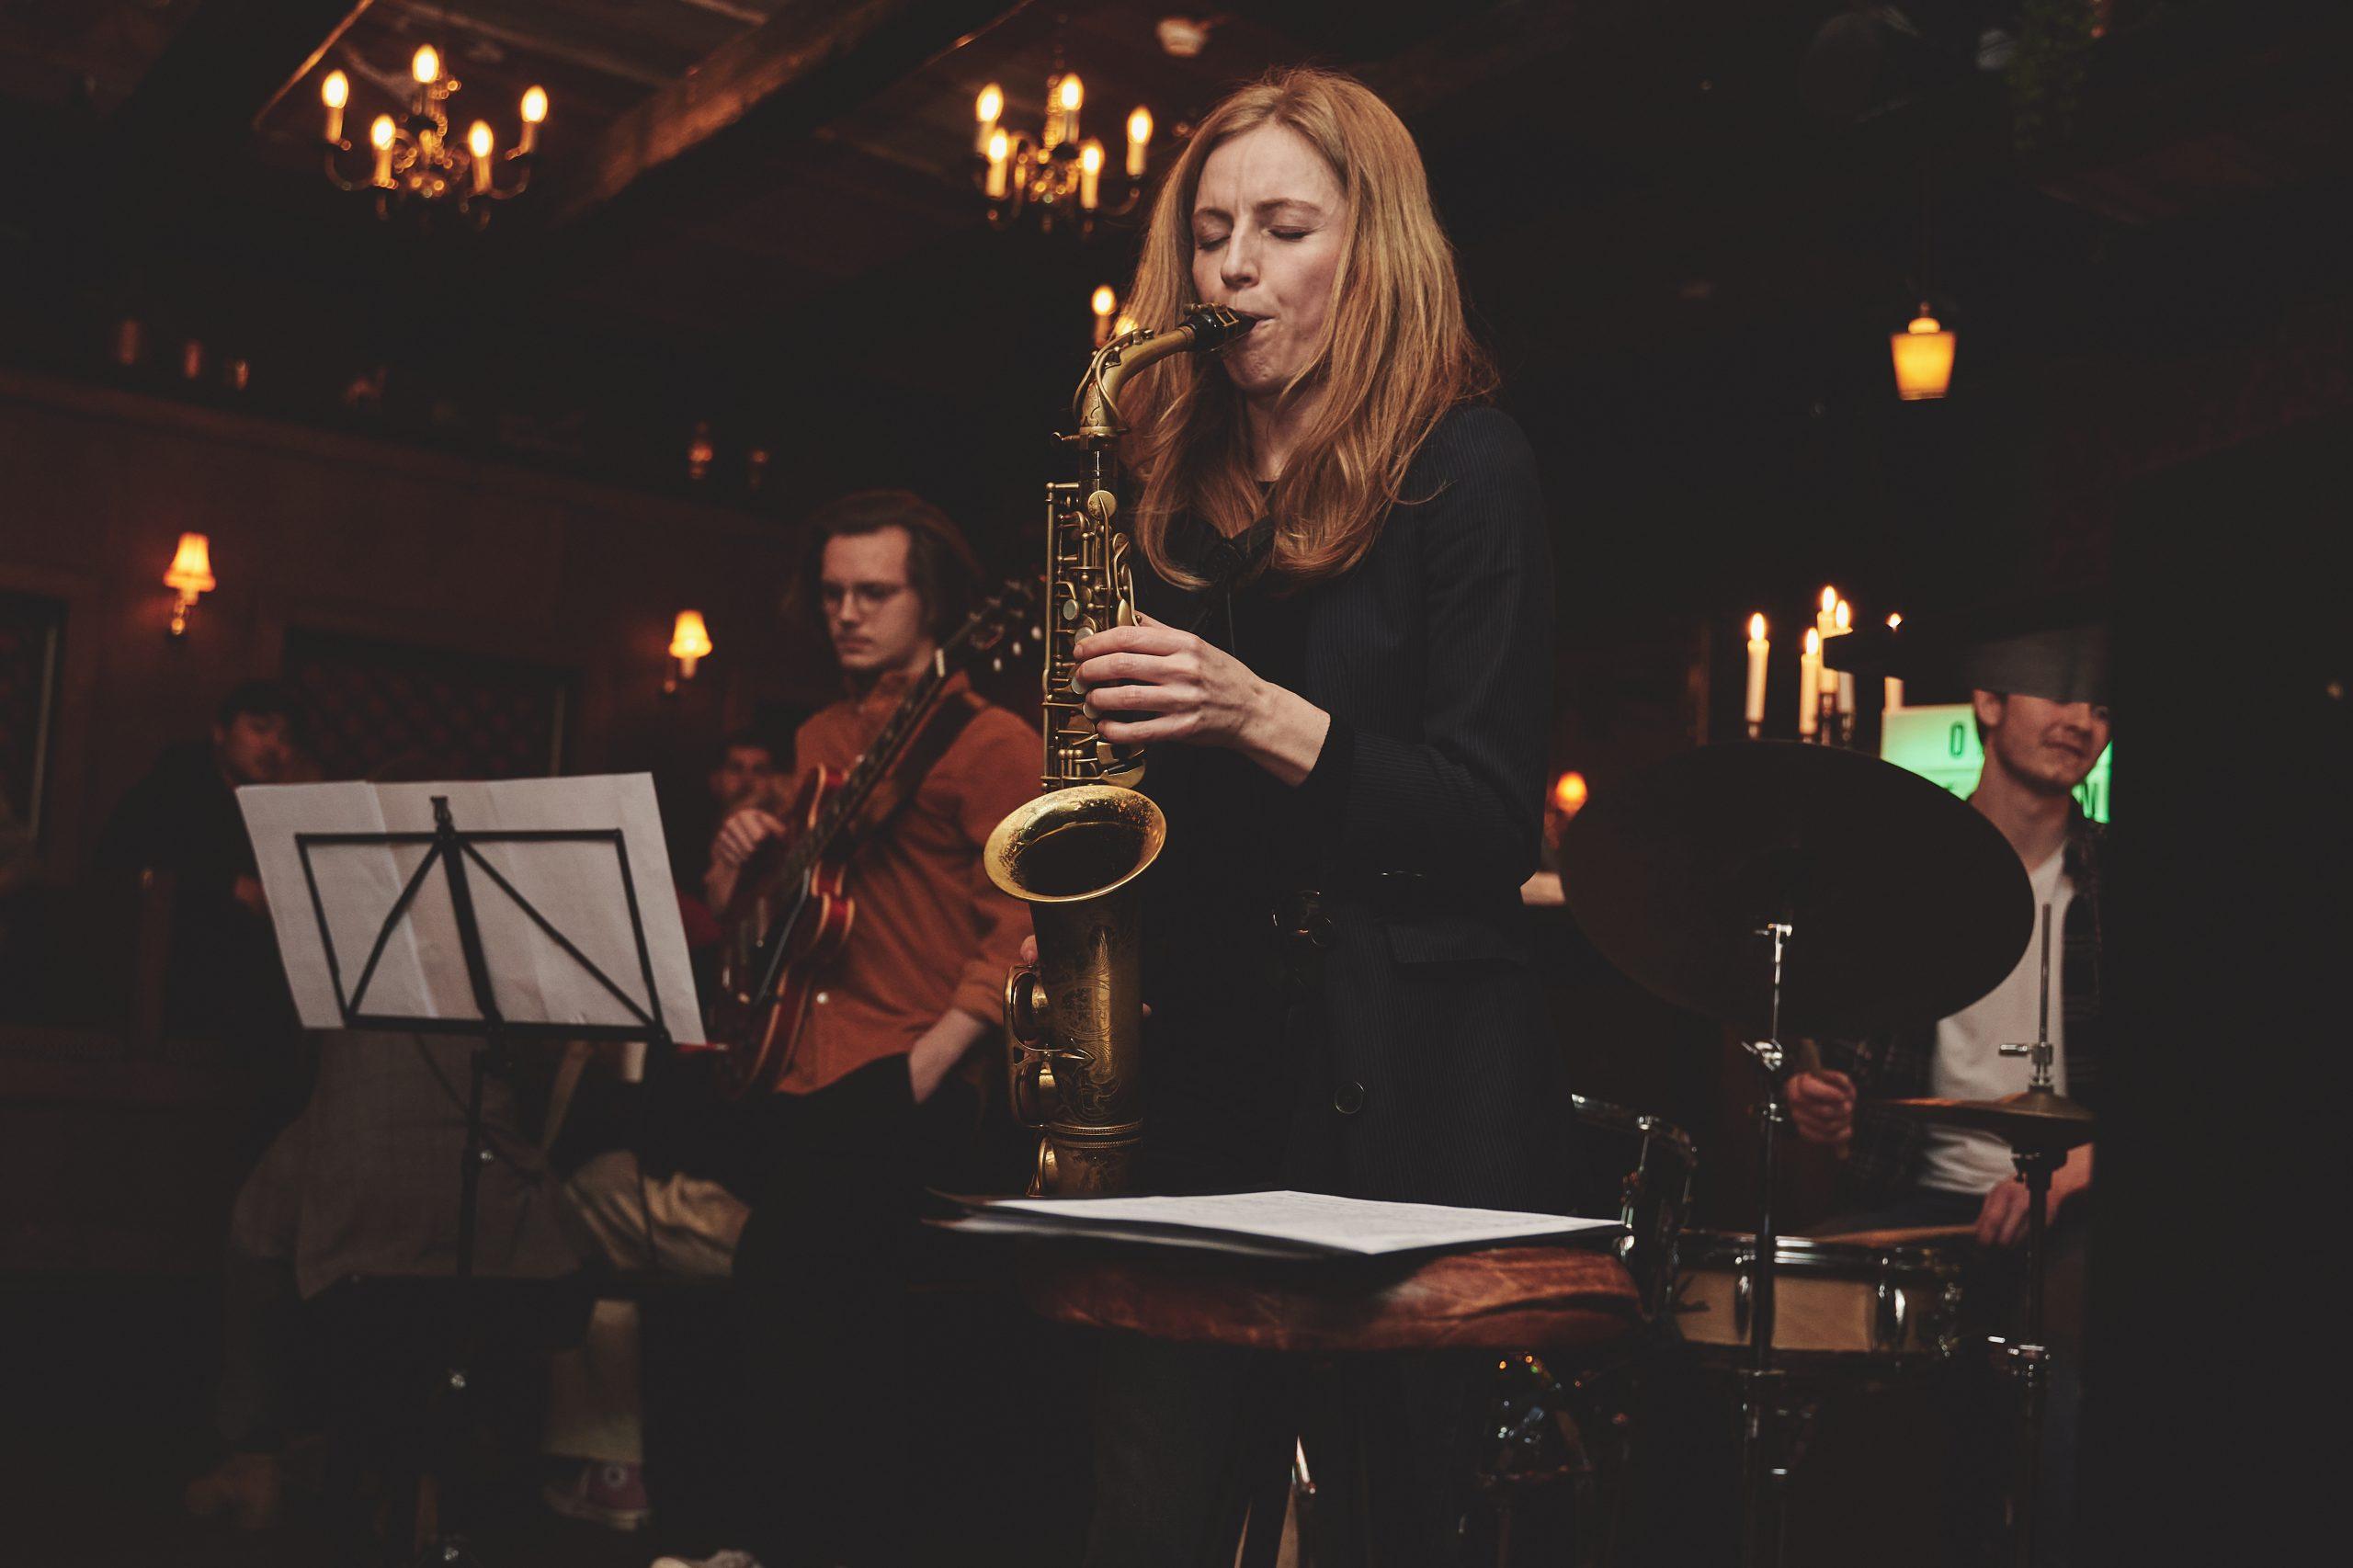 Liv i byens gader: Oplev 20 jazzkoncerter i næste uge